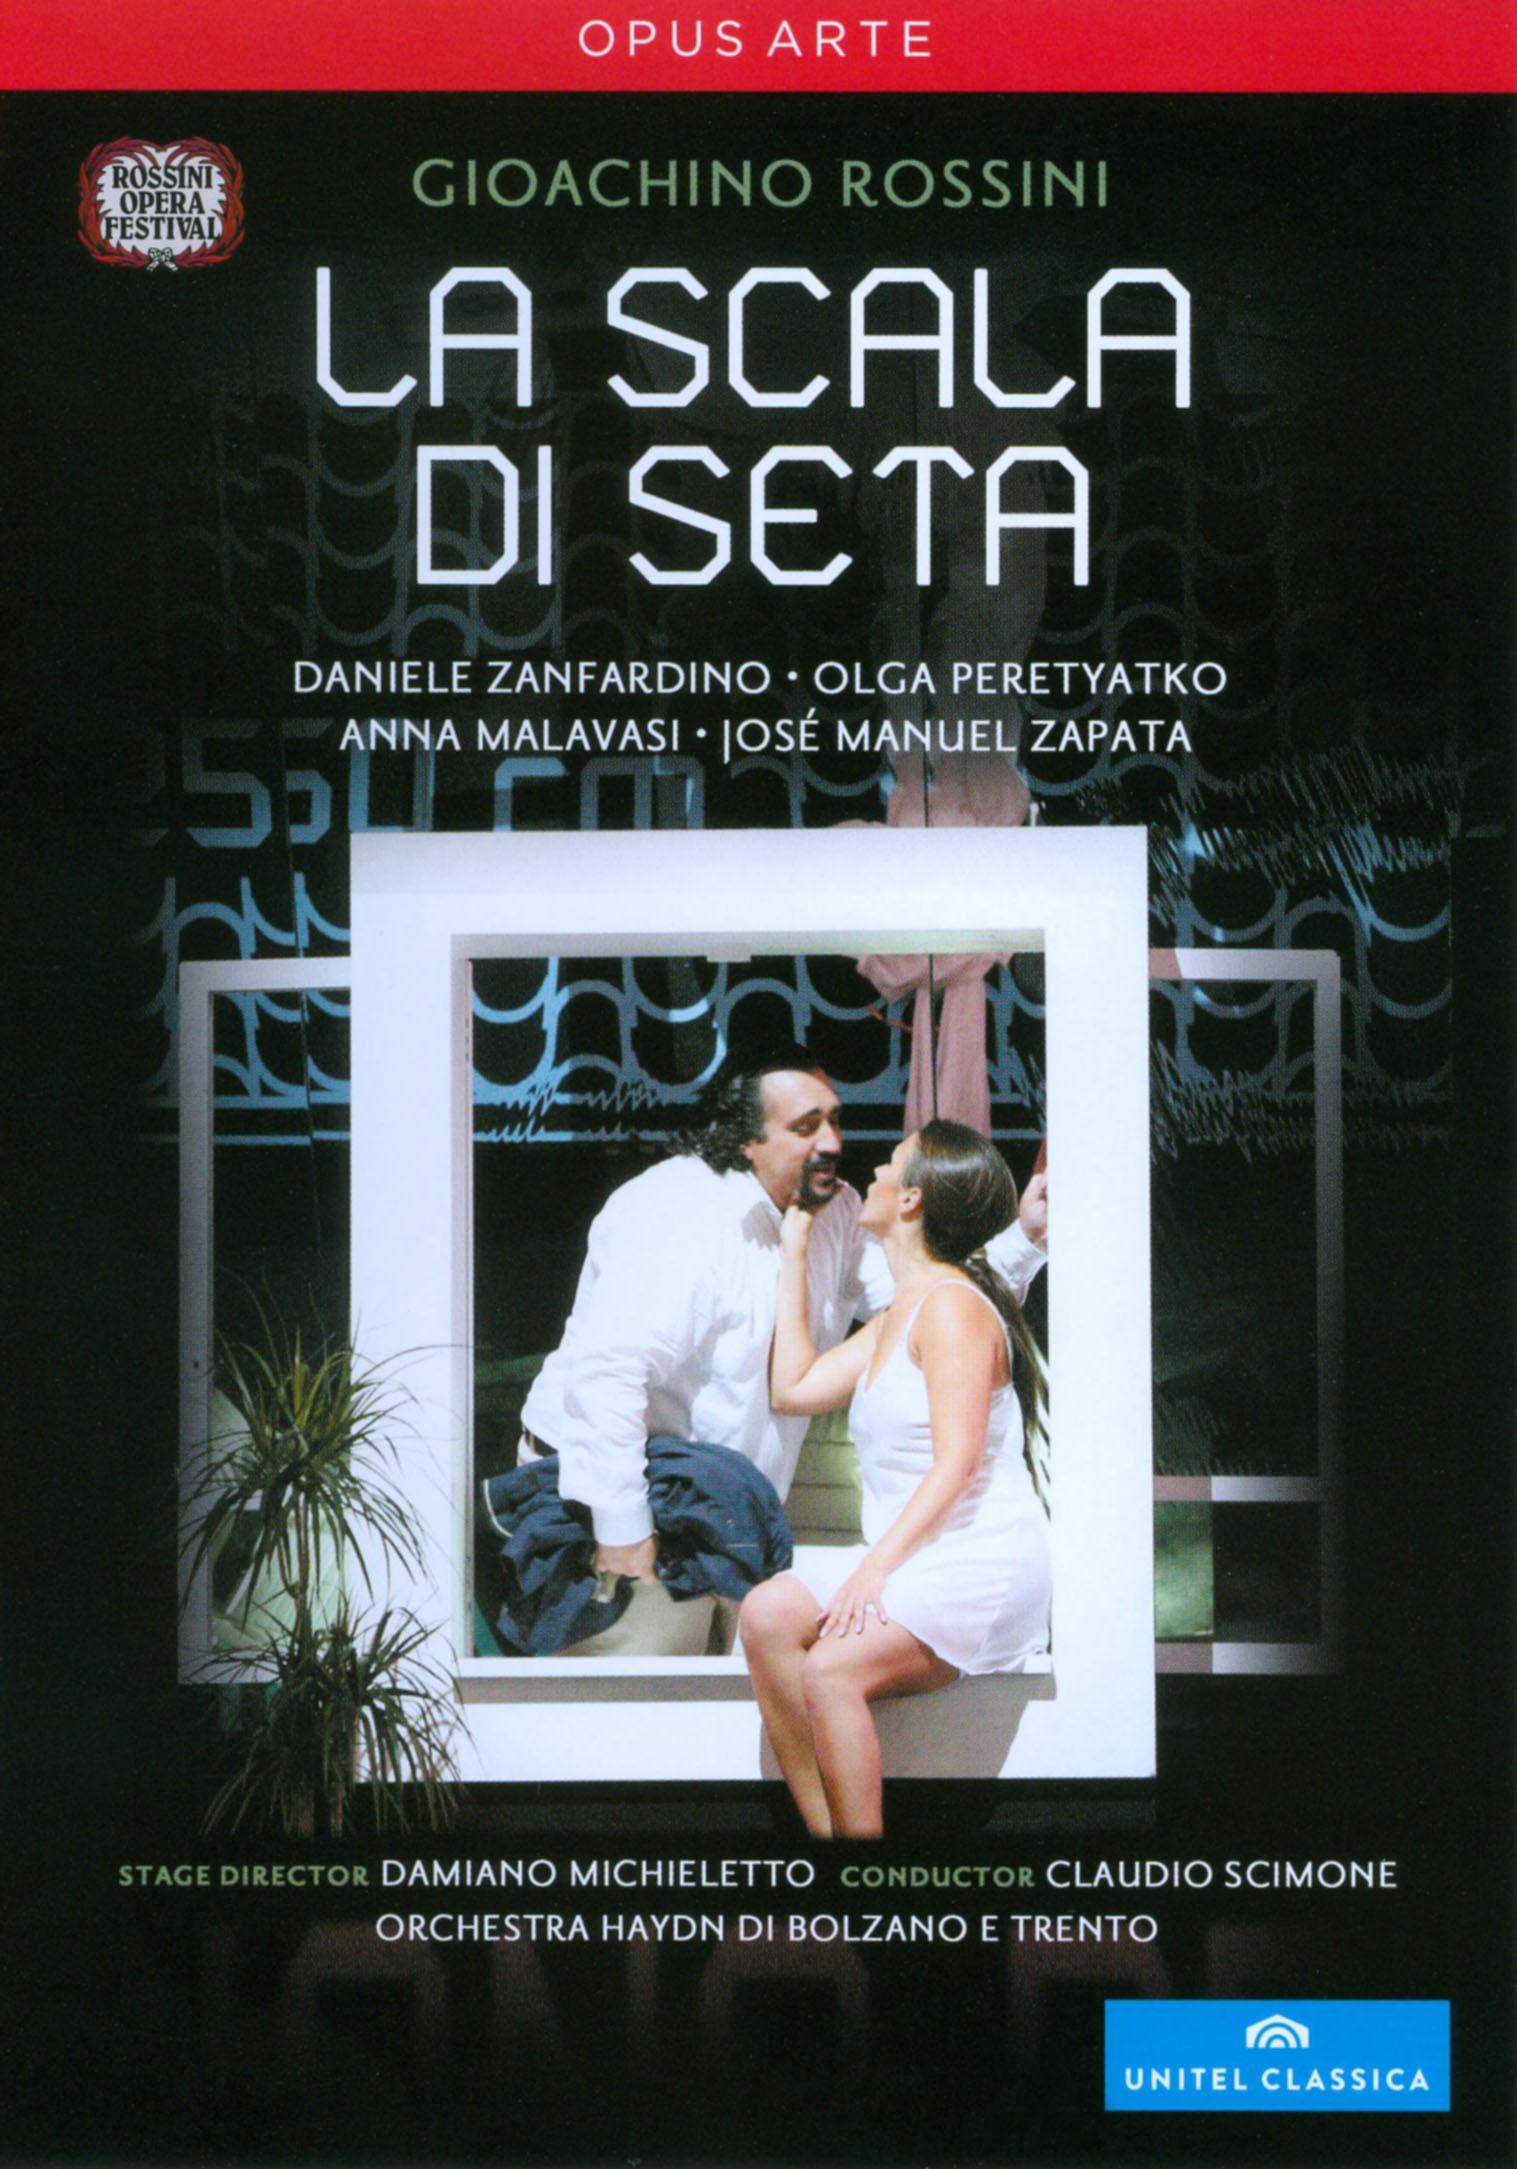 La Scala di Seta (Rossini Opera Festival)